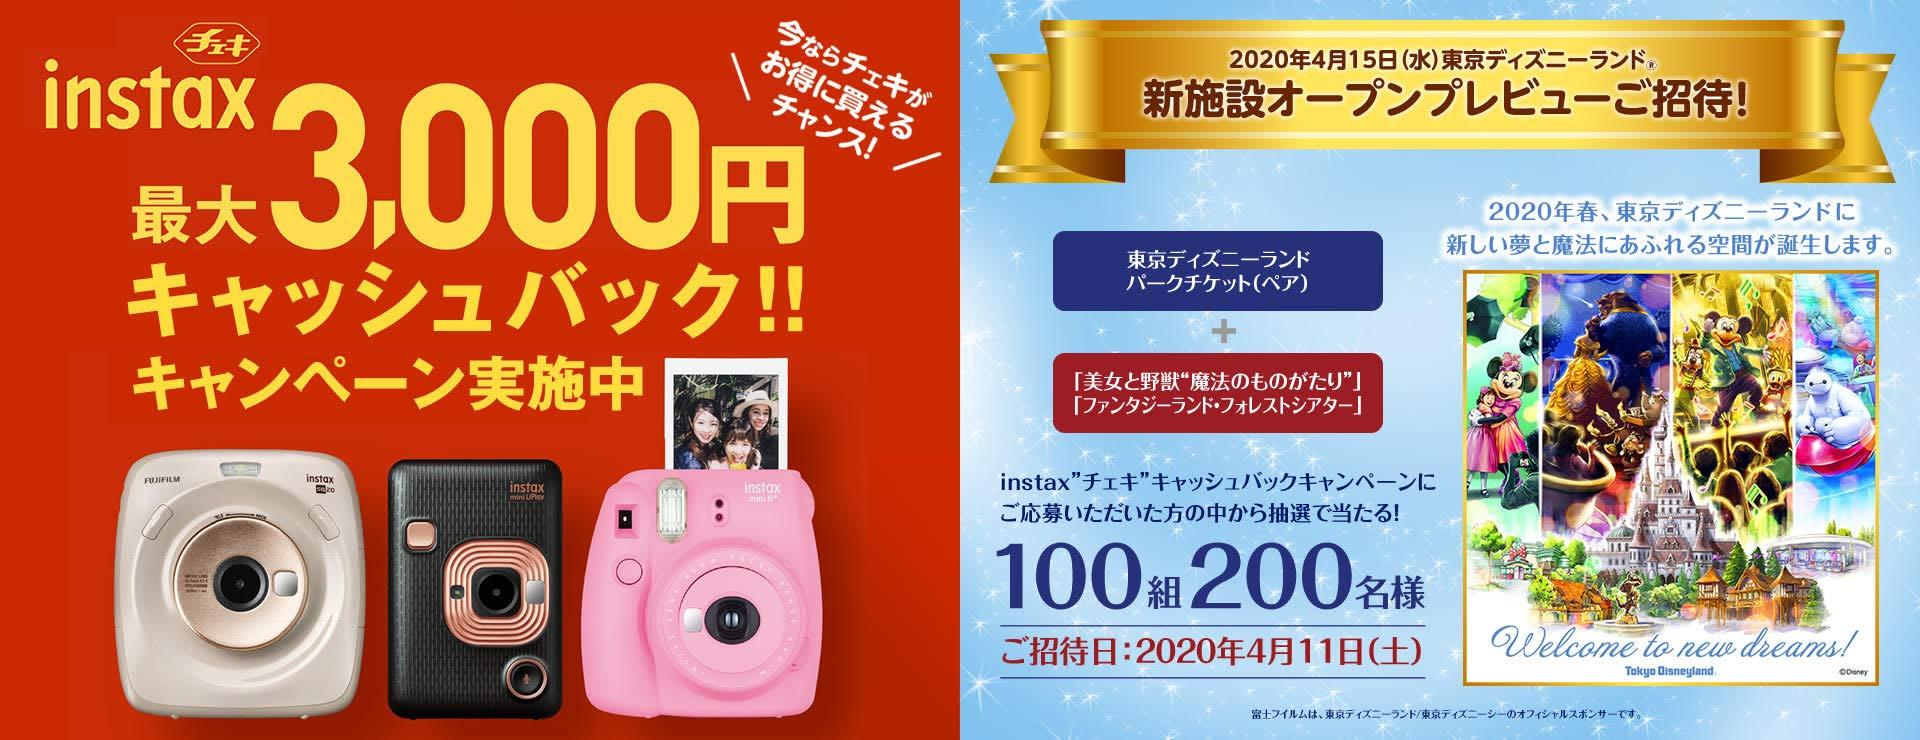 アマゾンでFUJIFILM チェキが最大3000円キャッシュバックキャンペーン。~1/31。